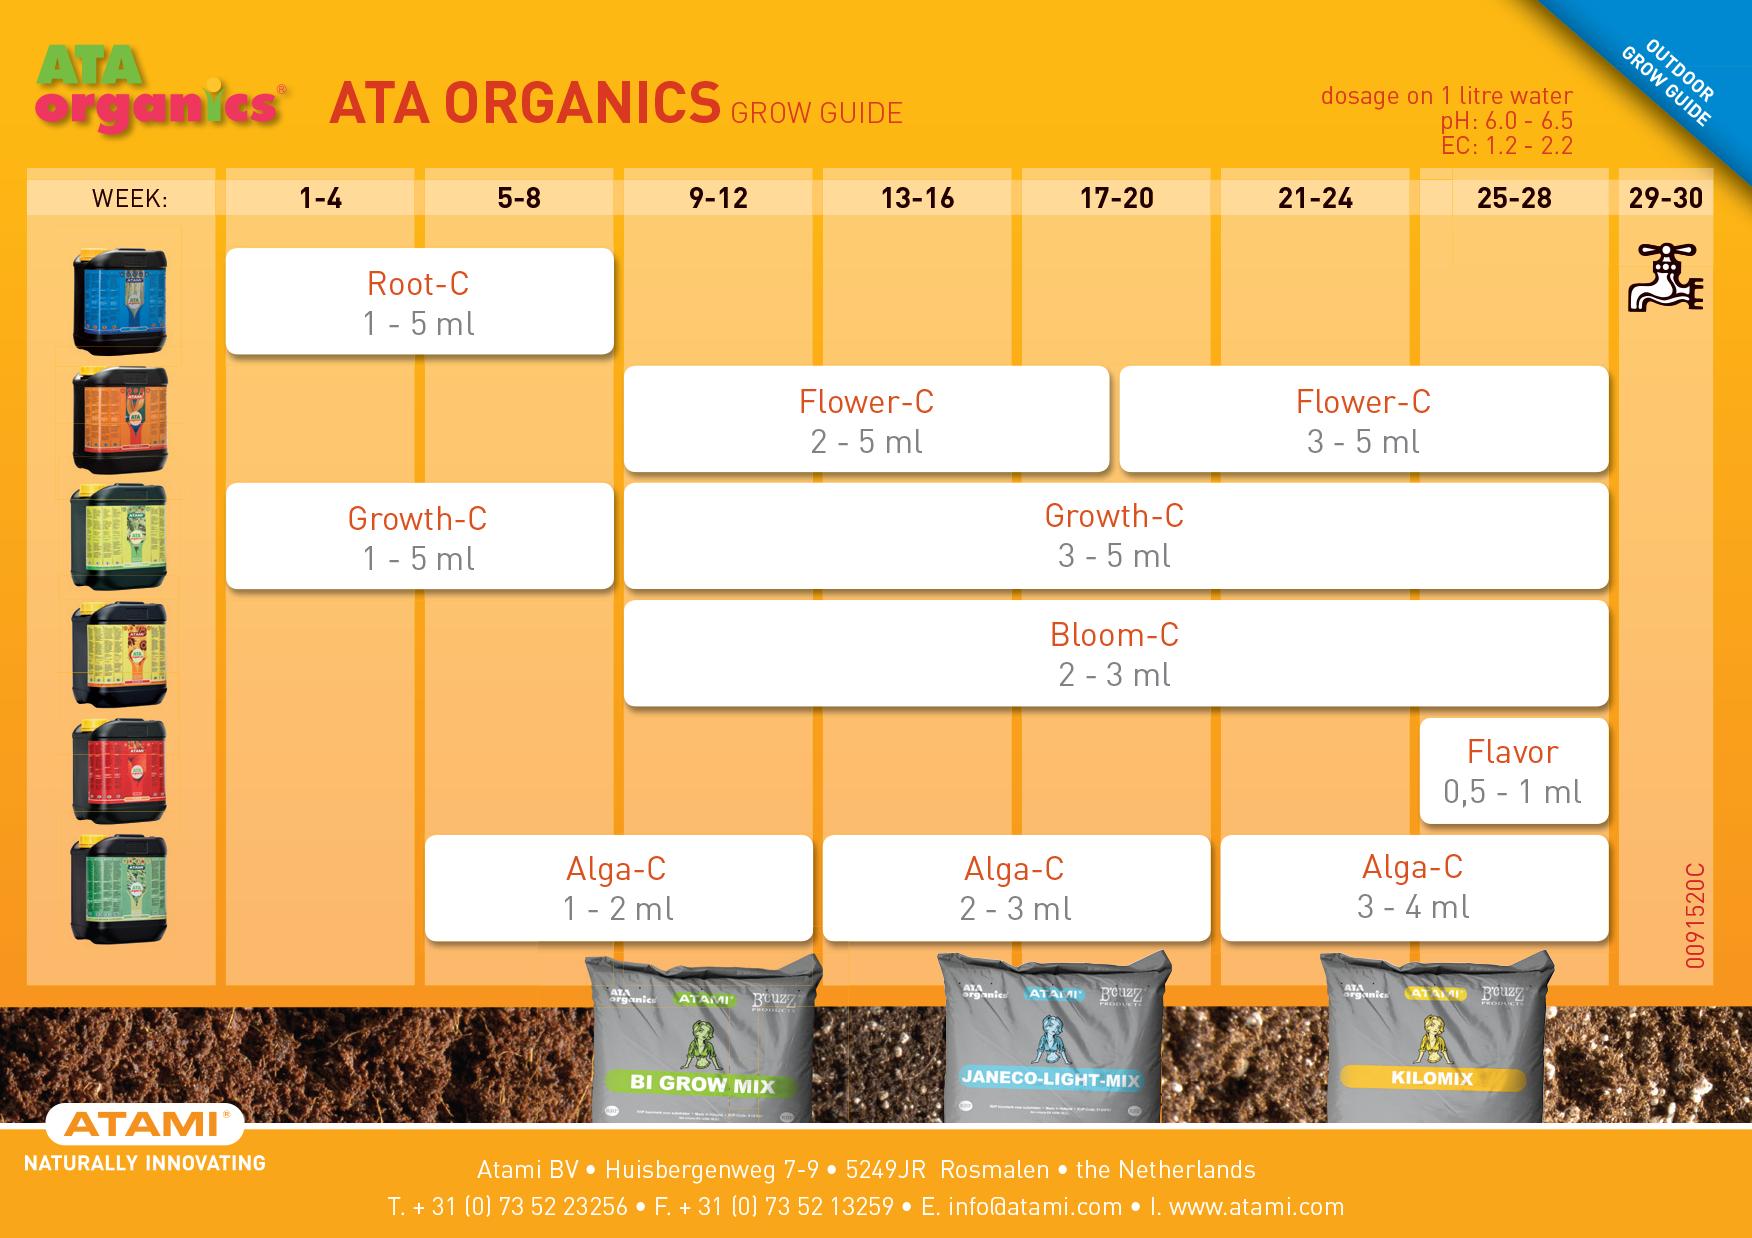 ATA Organics Box (комплект органических удобрений)